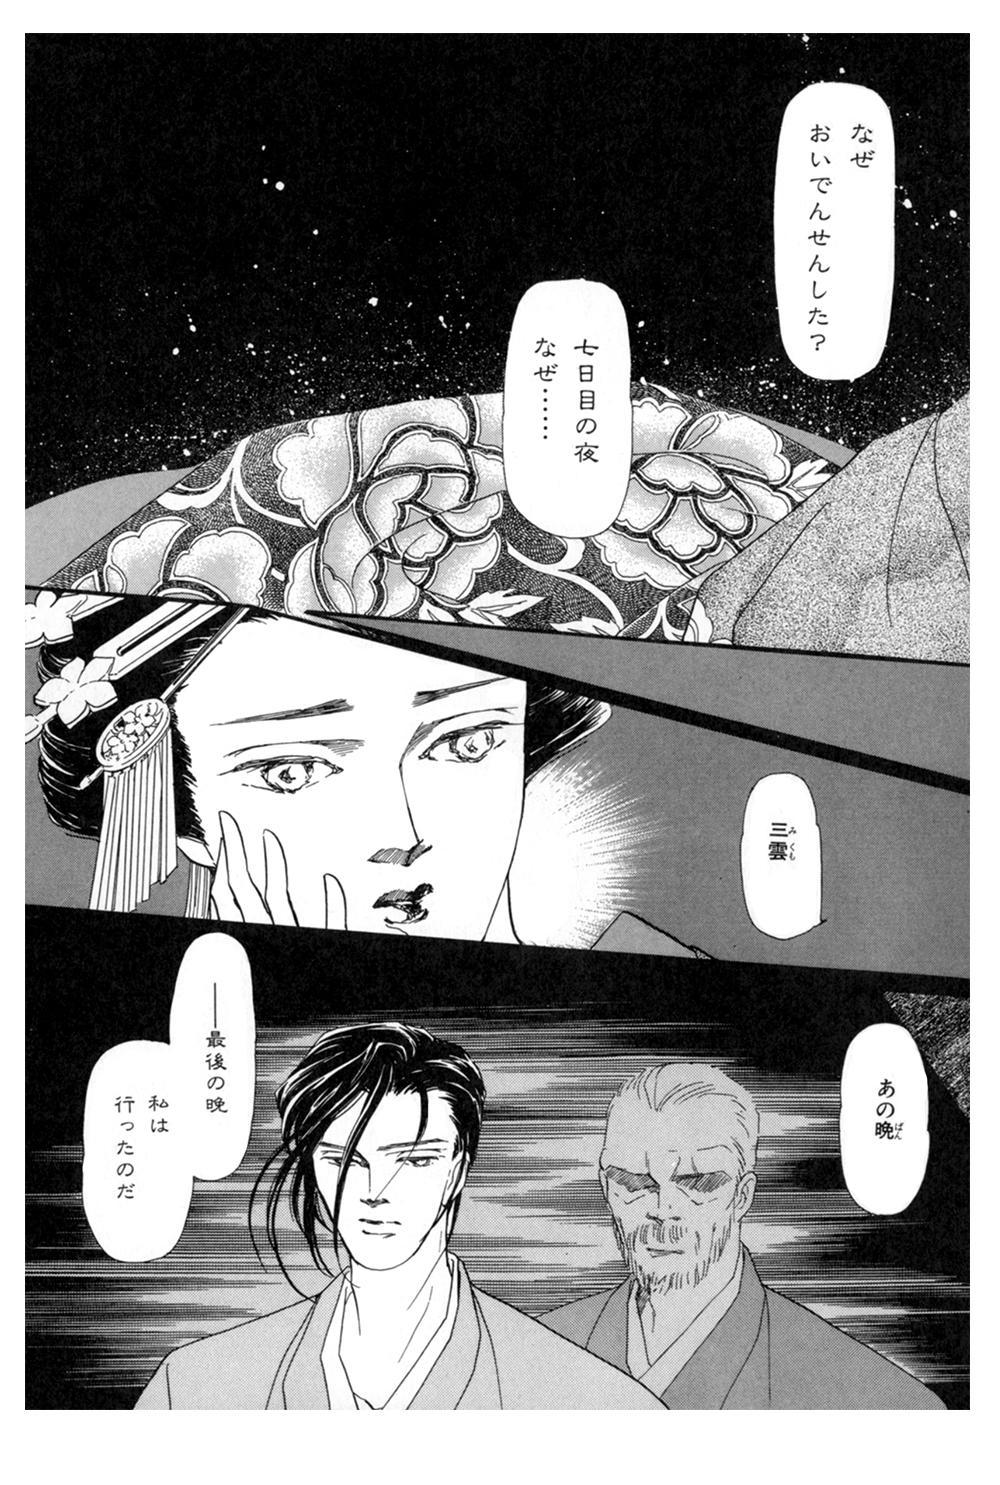 雨柳堂夢咄 第5話「花に暮れる」2uryudo-02-129.jpg